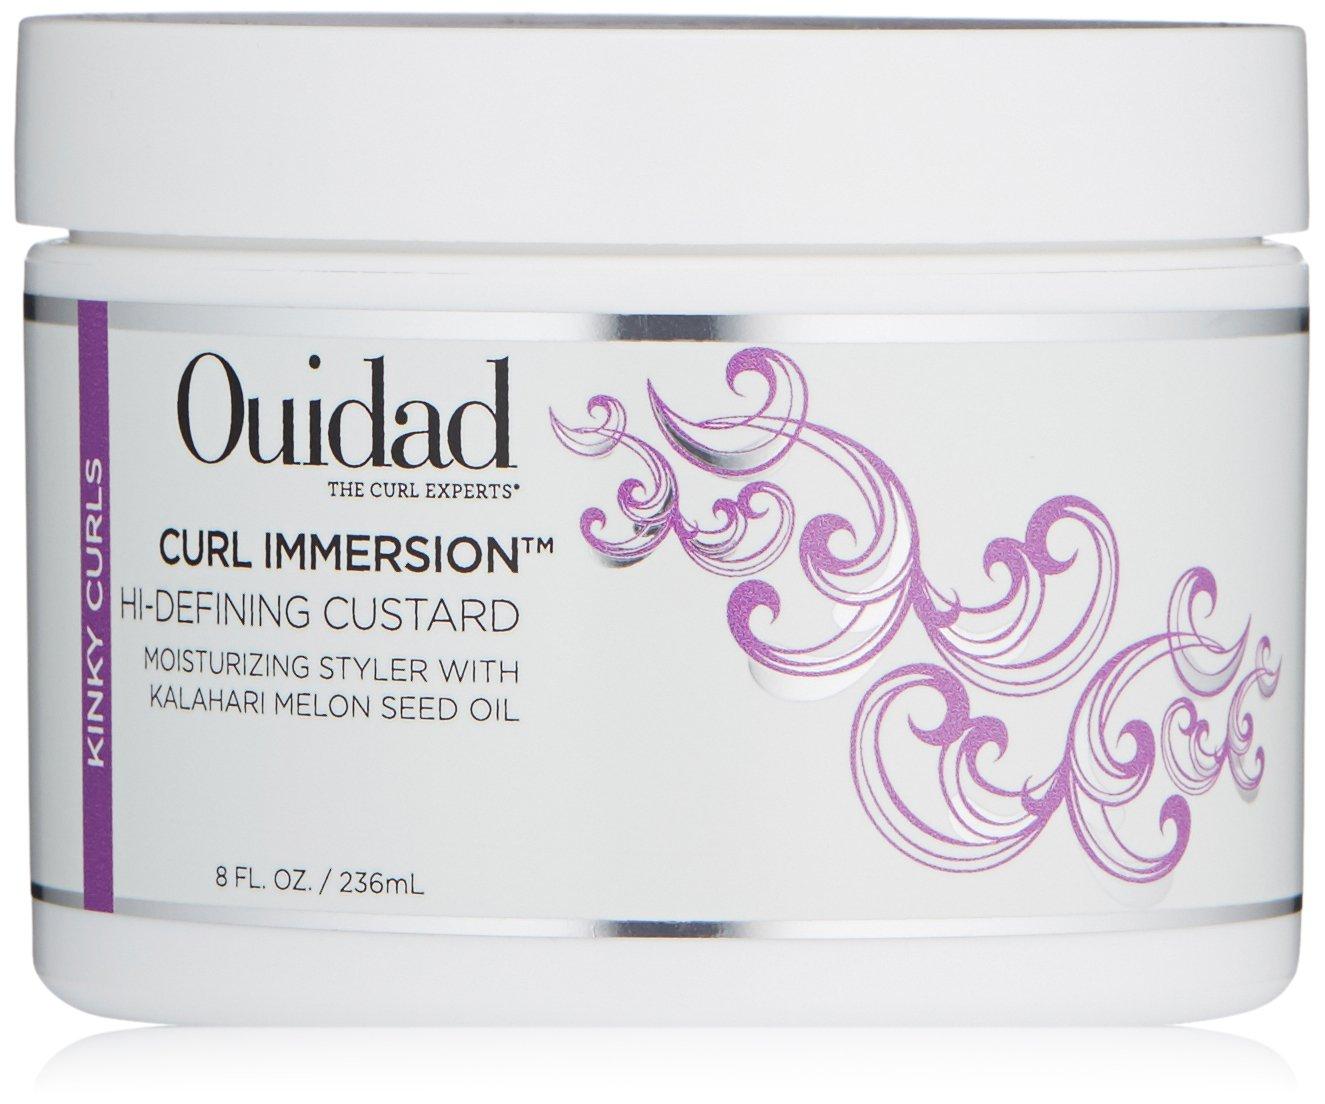 Ouidad Curl Immersion Hi-defining Custard, 8 Ounce